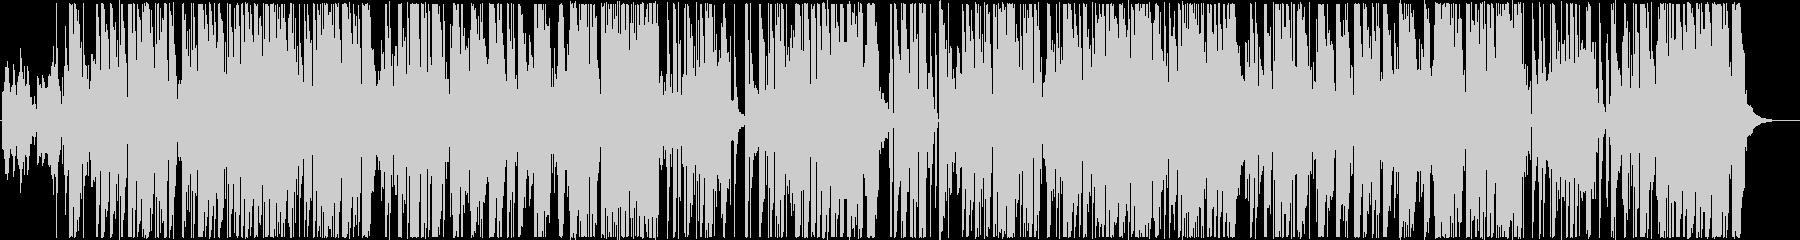 アグレッシヴなレゲエヒップホップの未再生の波形